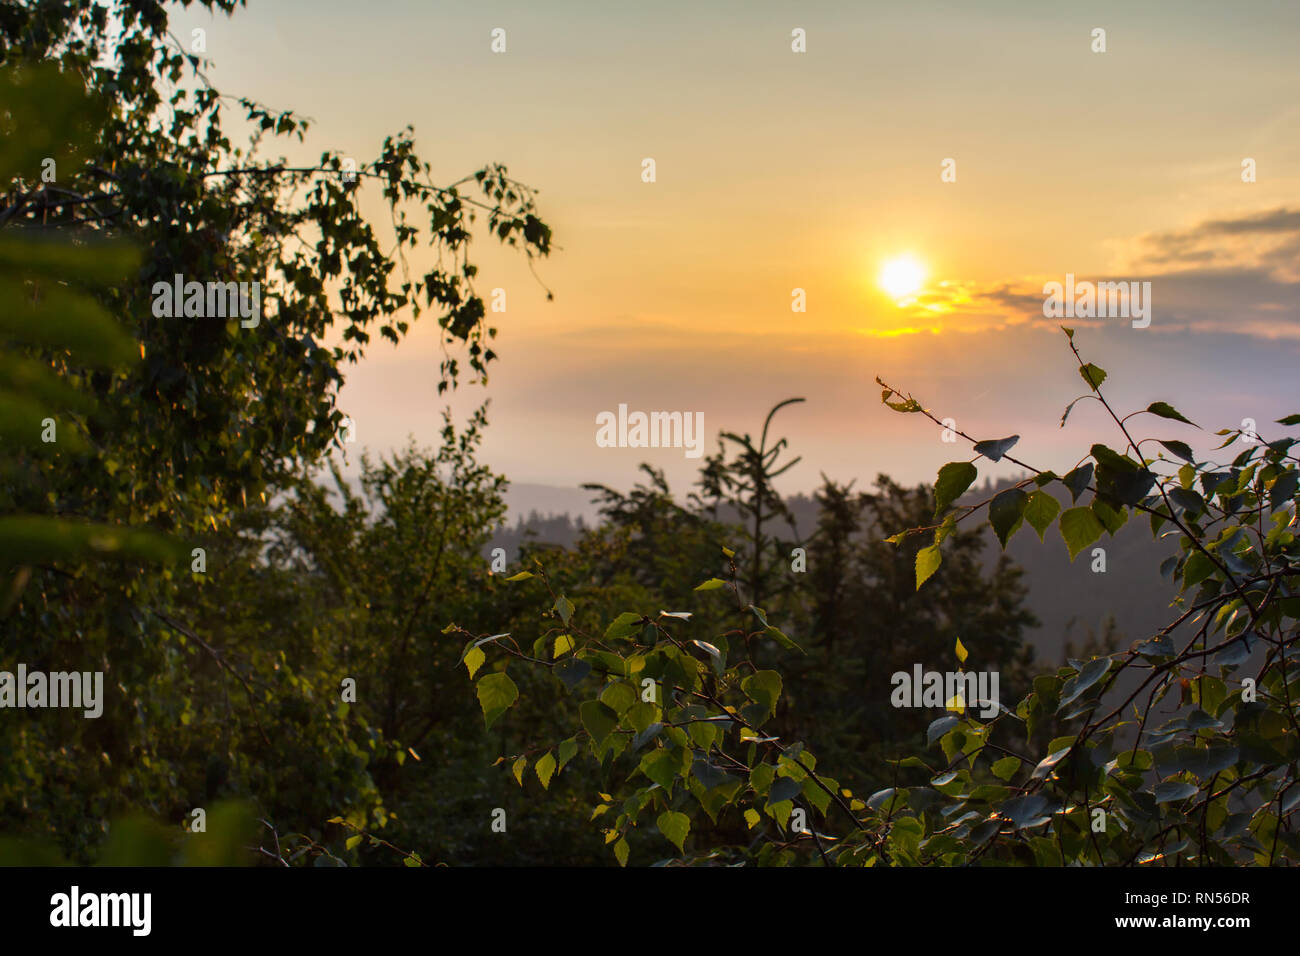 Amazing sunrise through trees with mysty fog, Mandelstein, Austria - Stock Image